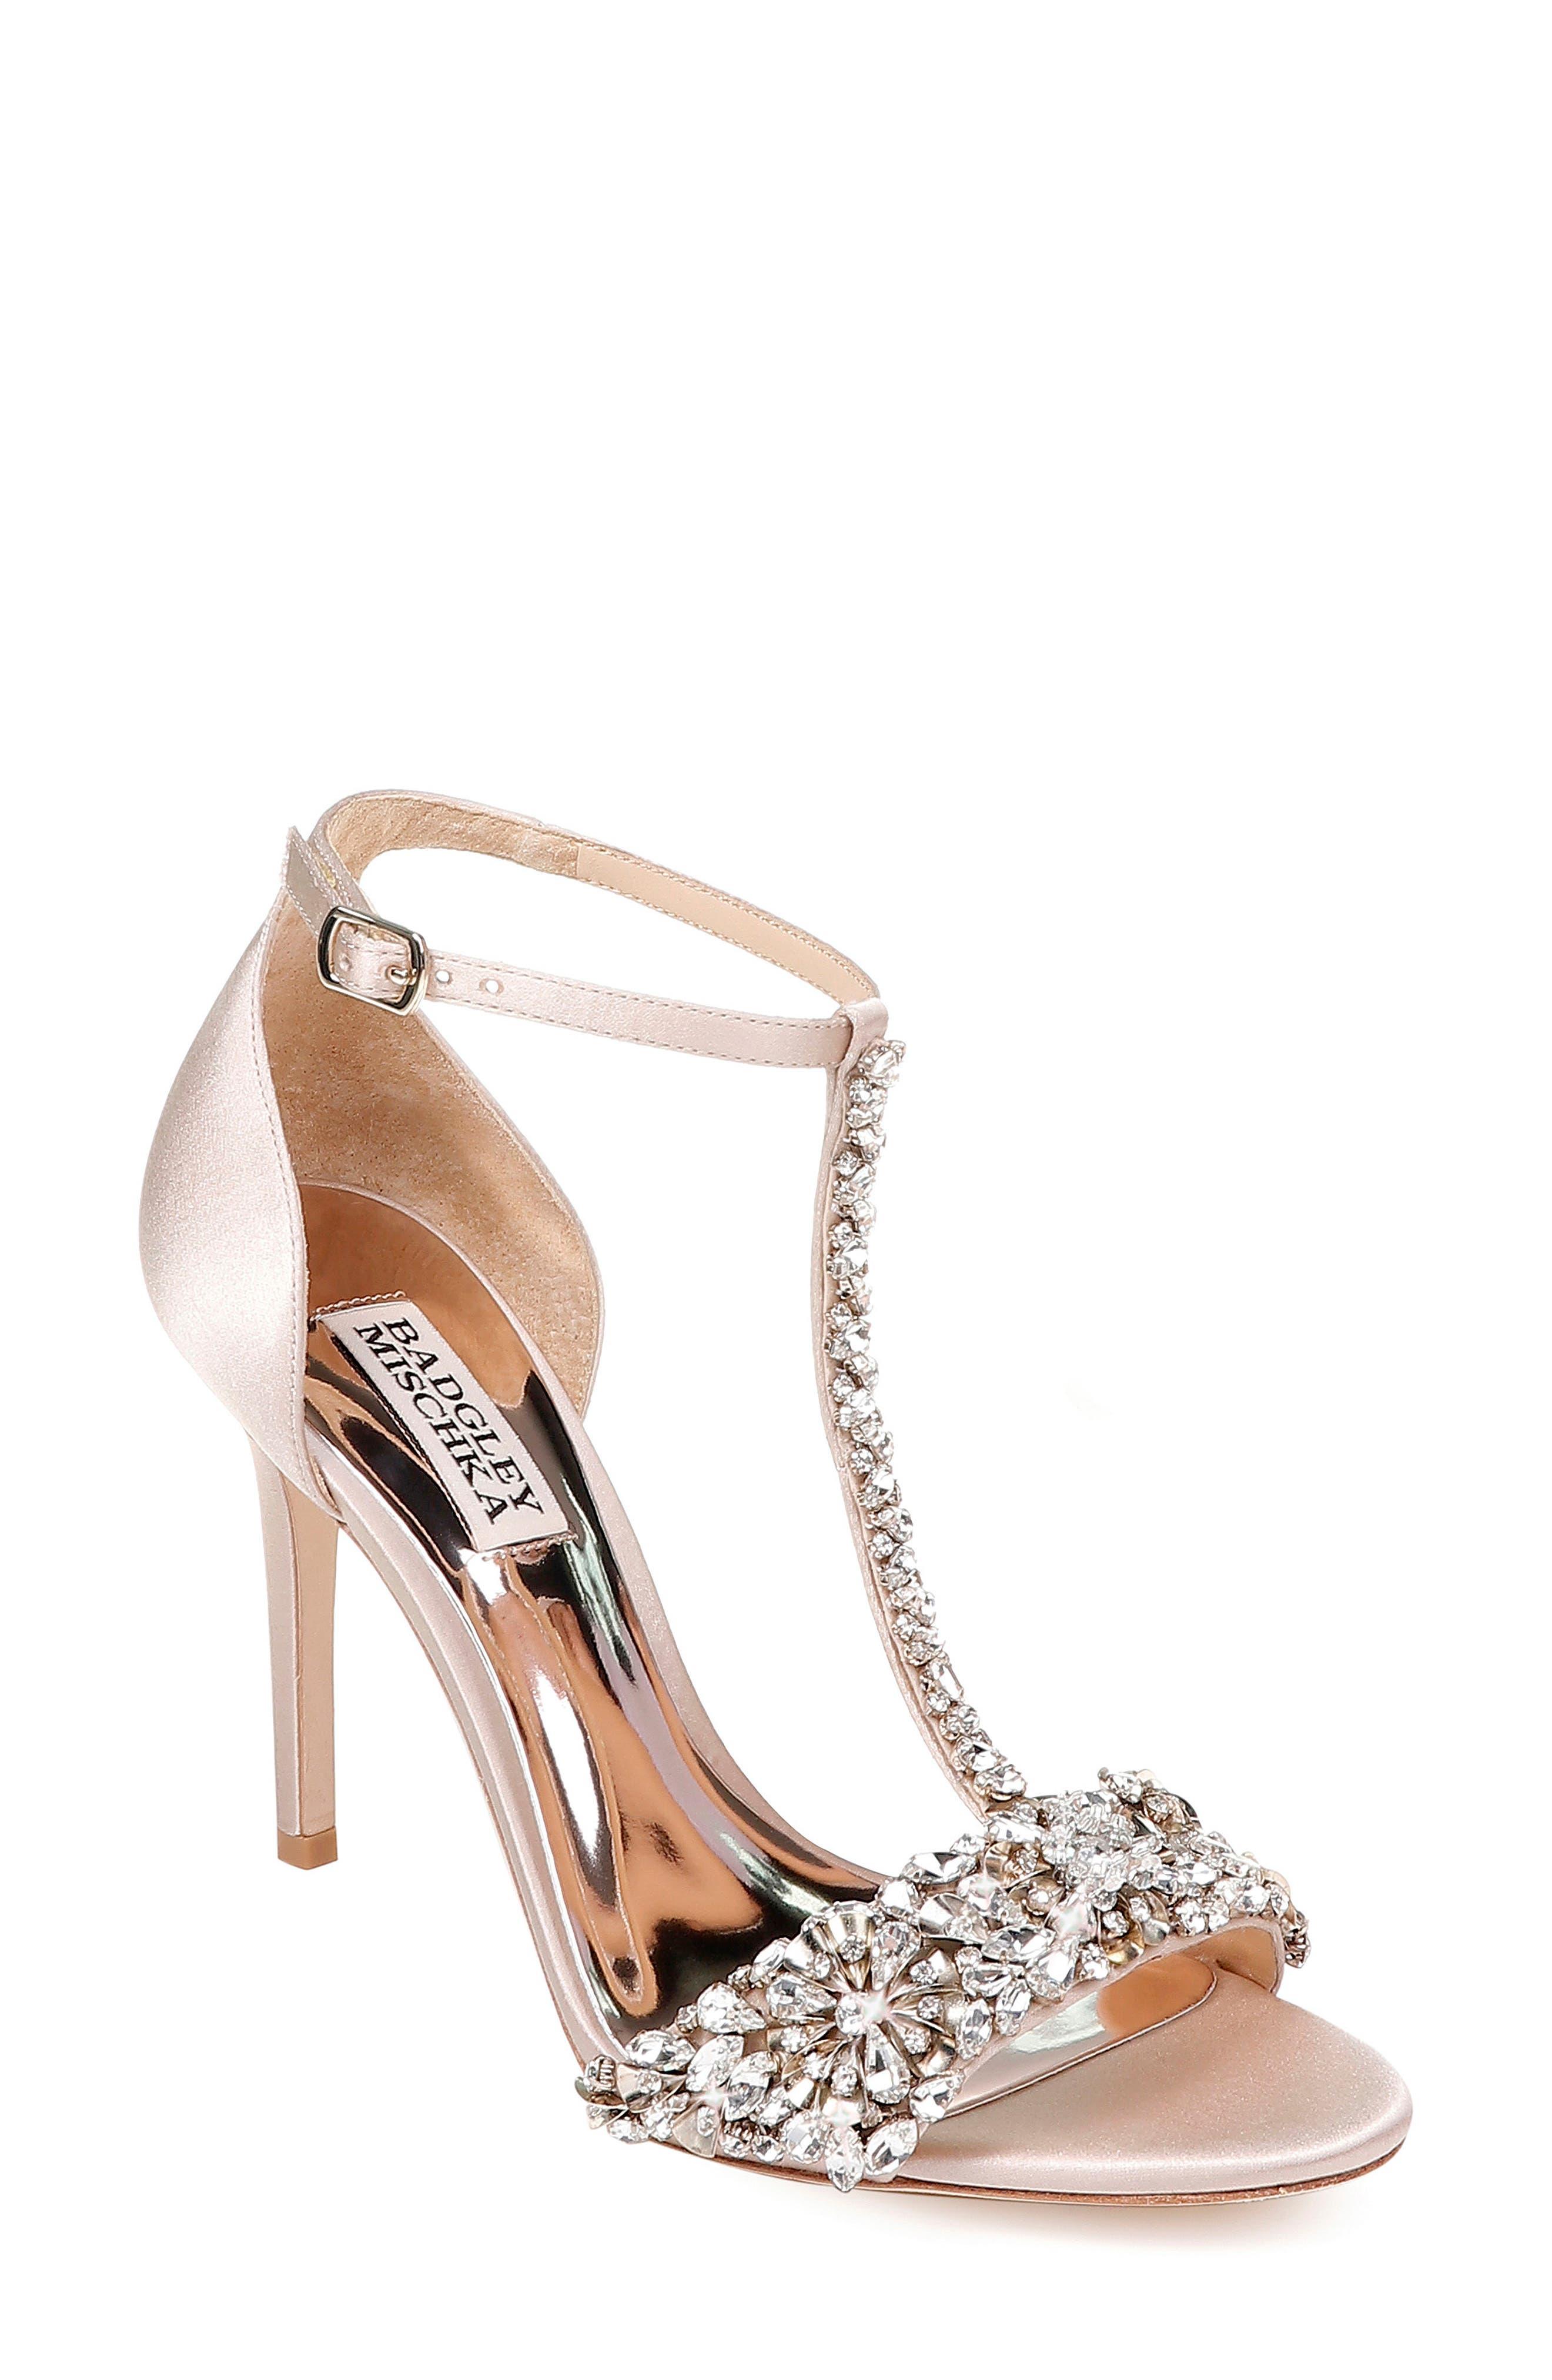 Crystal Embellished Sandal,                         Main,                         color, NUDE SATIN